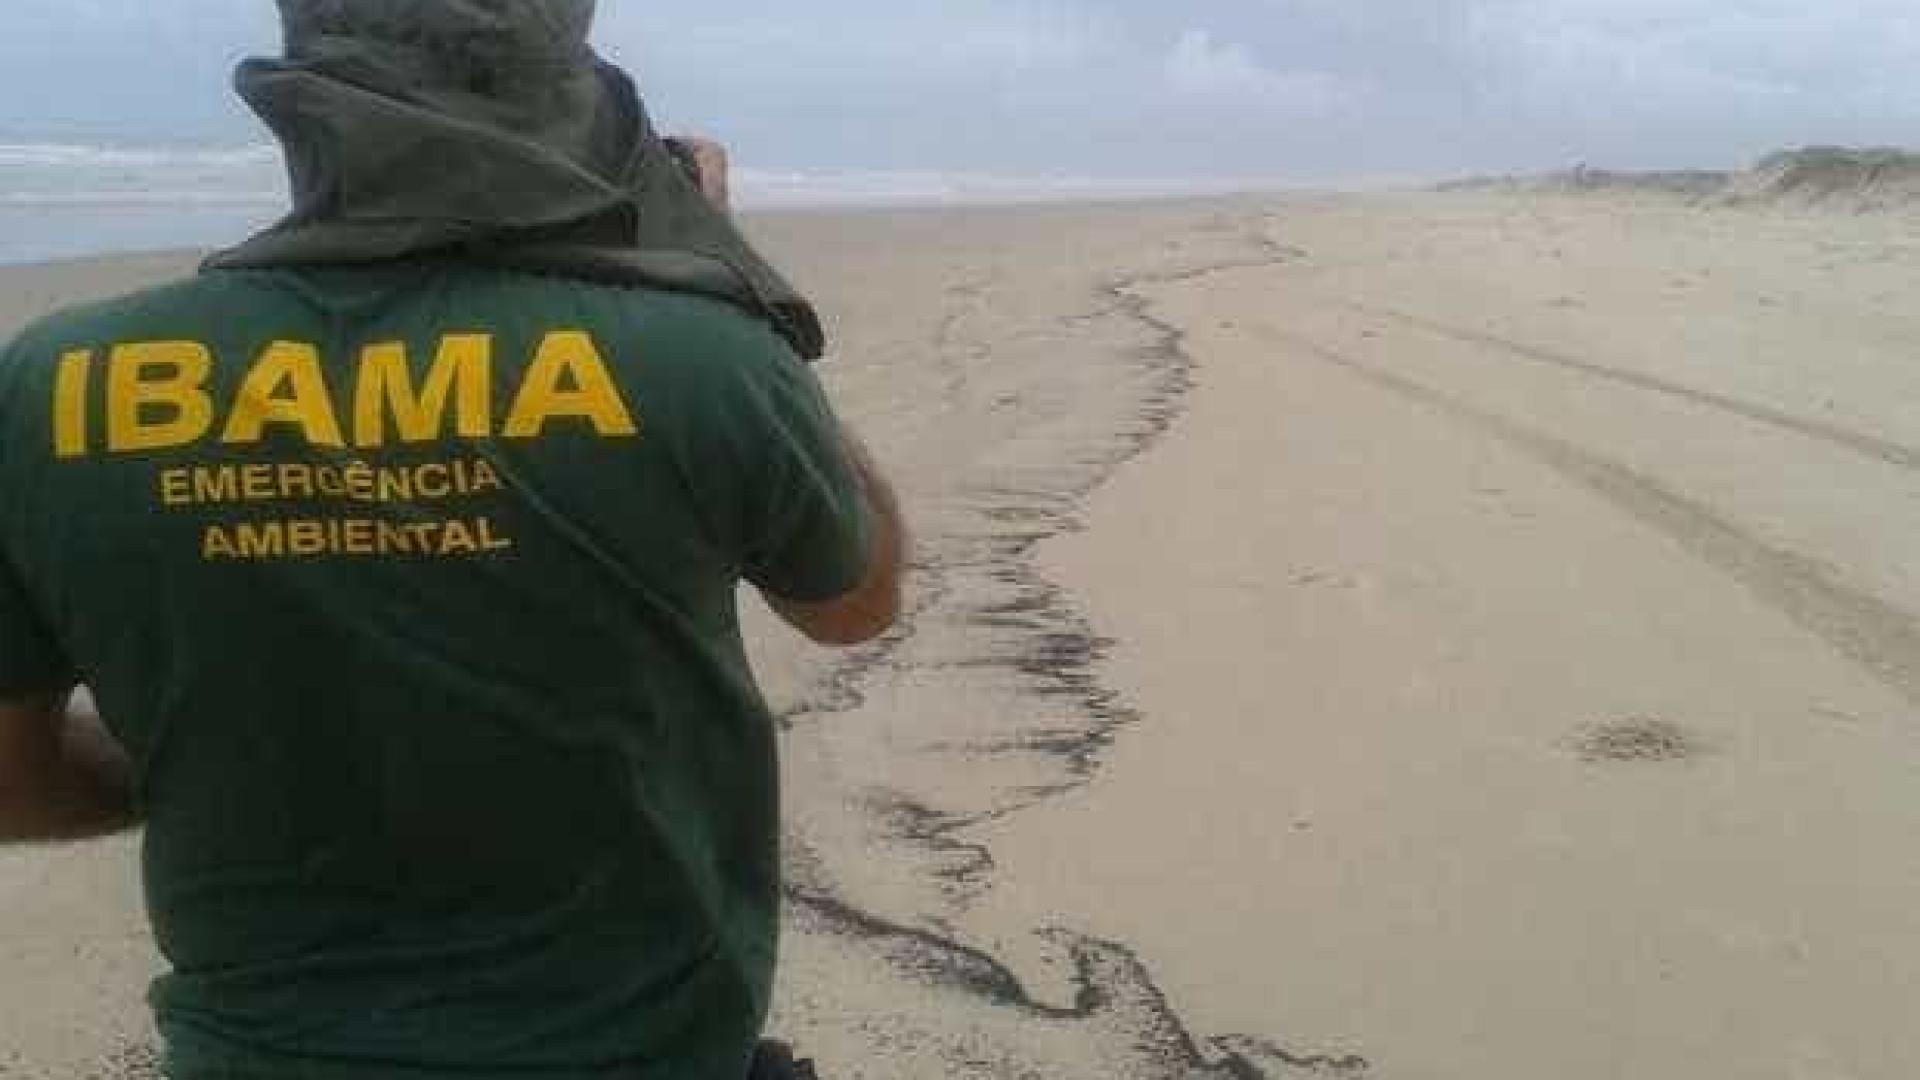 Mancha de óleo atinge 25km do litoral  de Sergipe, diz Ibama